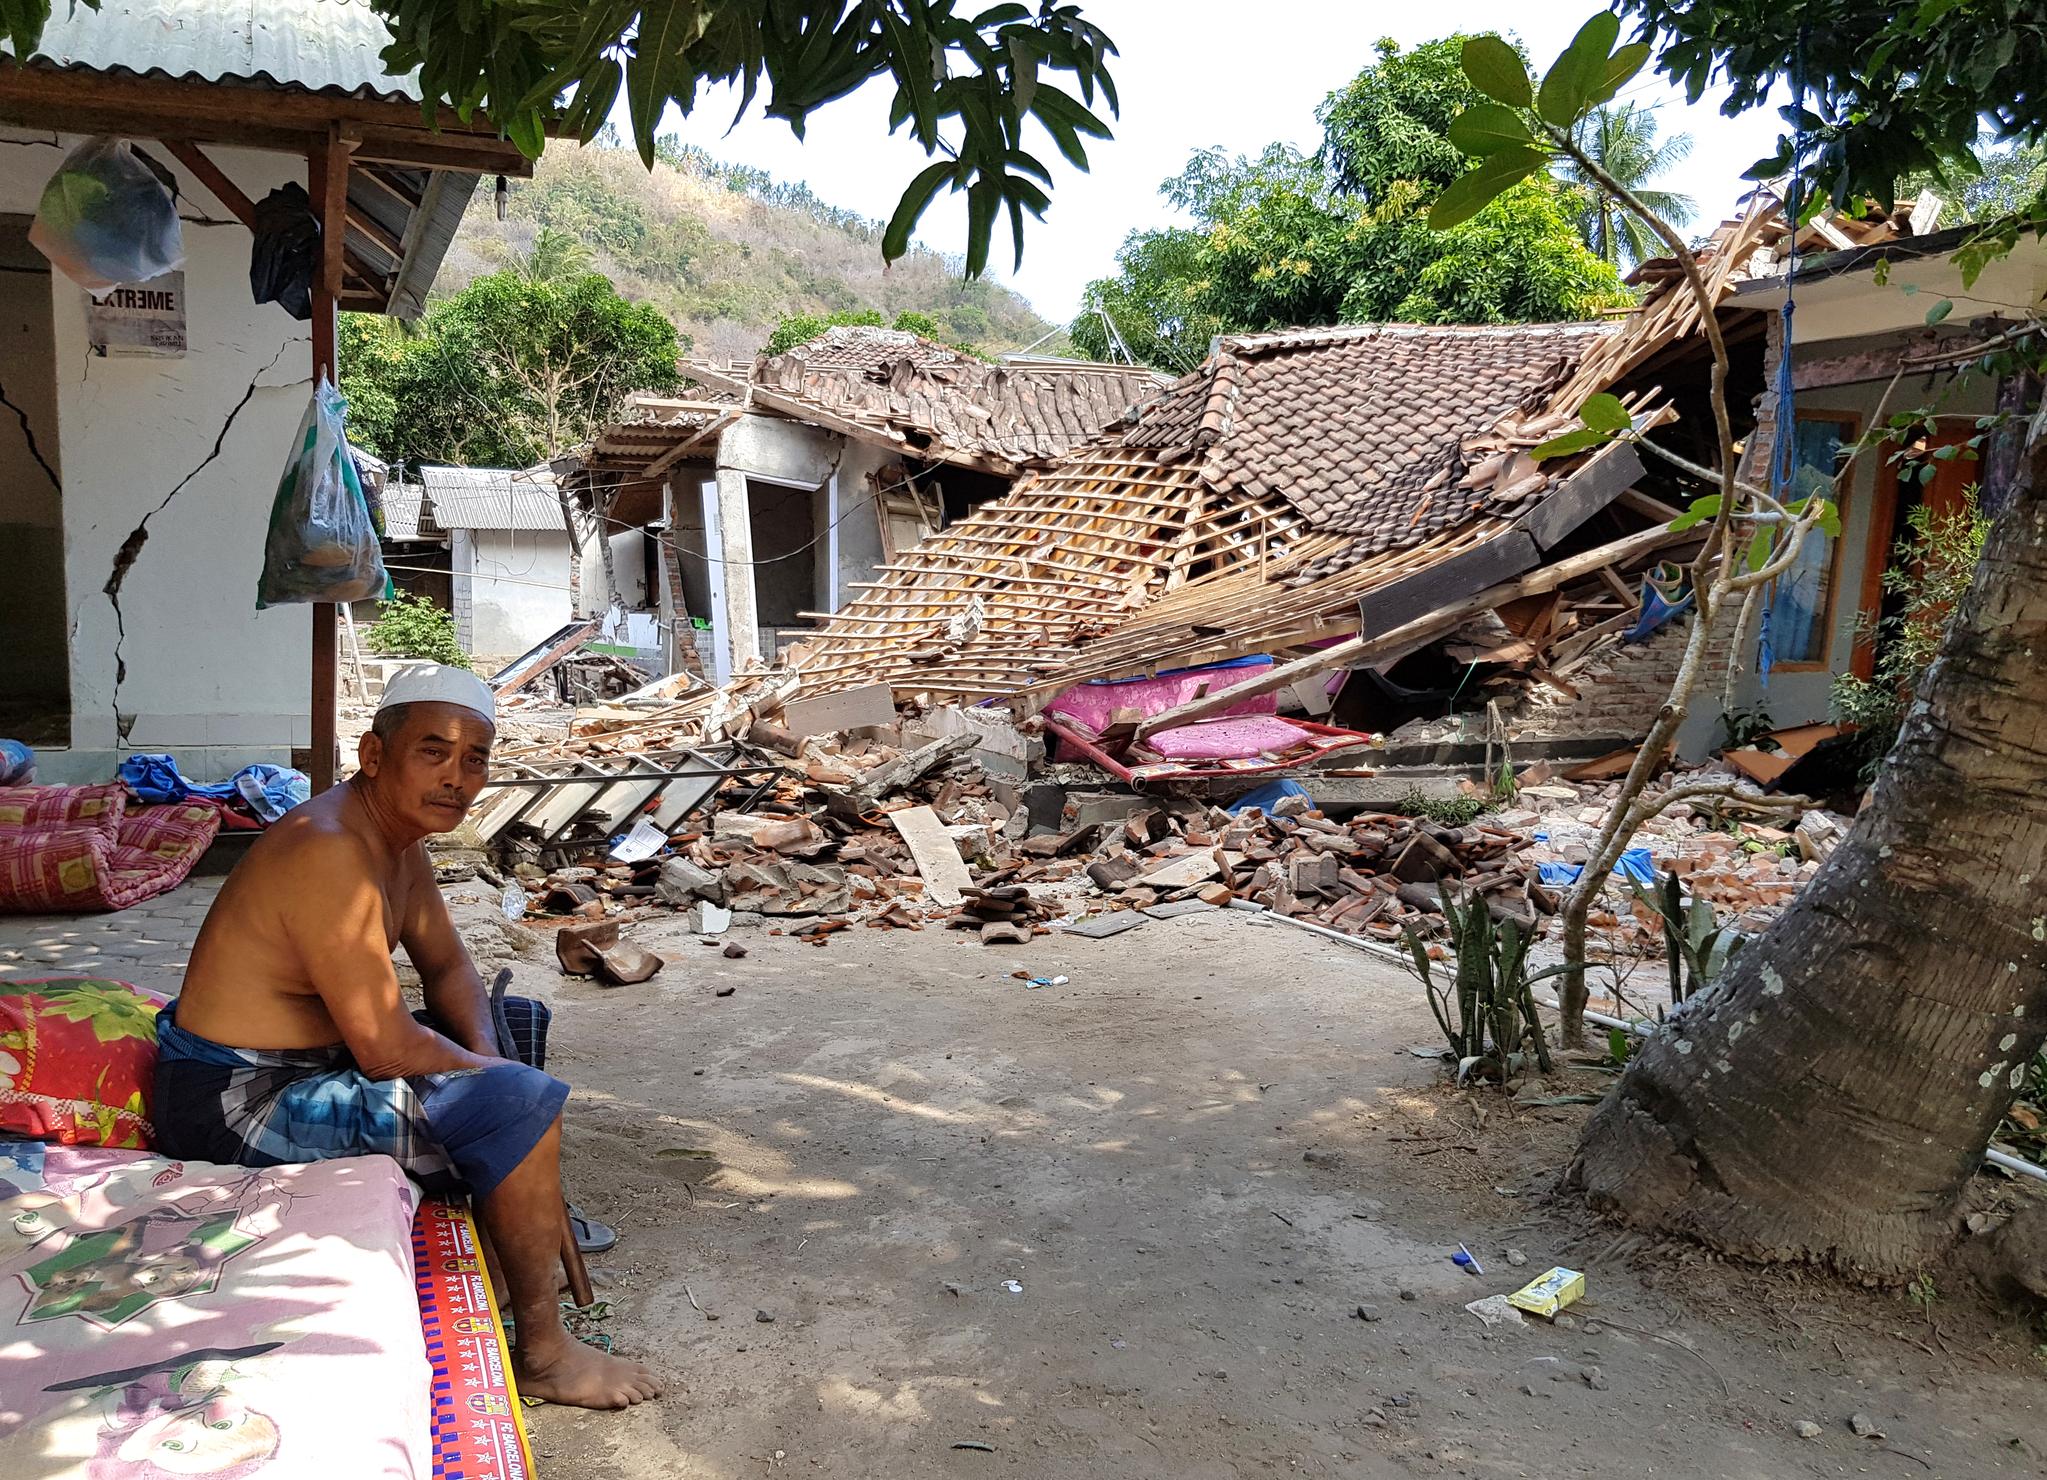 인도네시아의 휴양지인 롬복 섬 북부를 강타한 규모 7.0의 강진으로 사망자 수가 급증하고 있다. 지진 최대 피해지역인 북롬복 방사르항 인근 지대에 한 피난민이 망연자실한 표정으로 앉아 있다. [연합뉴스]